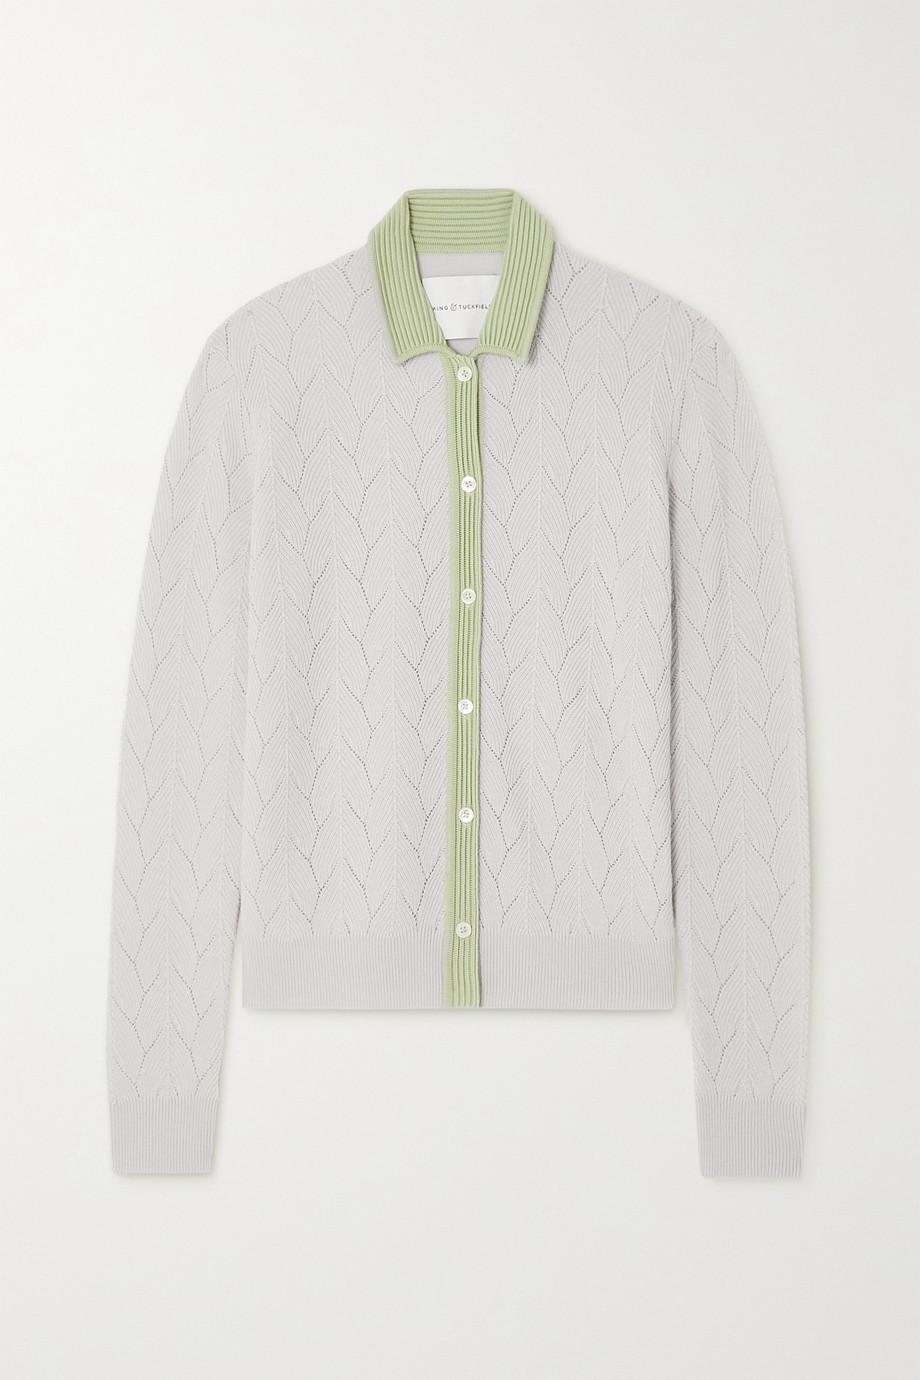 King & Tuckfield Chemise en laine mérinos bicolore à mailles pointelle